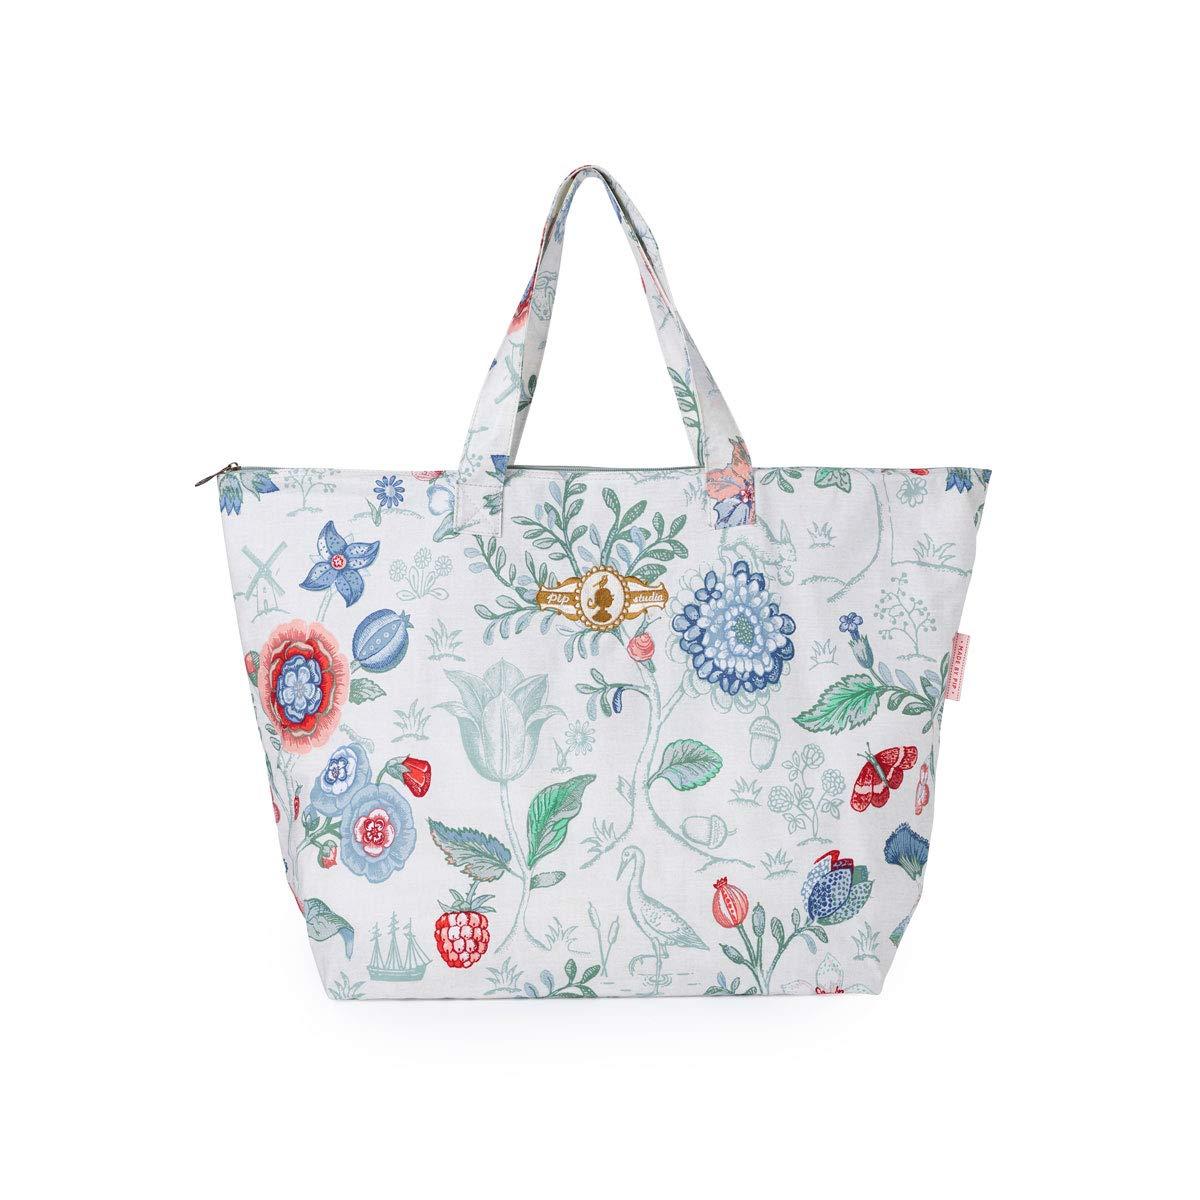 PiP Studio Beach Bag Spring to Life Petit Weiß Strandtasche Blumen Blüten Strand